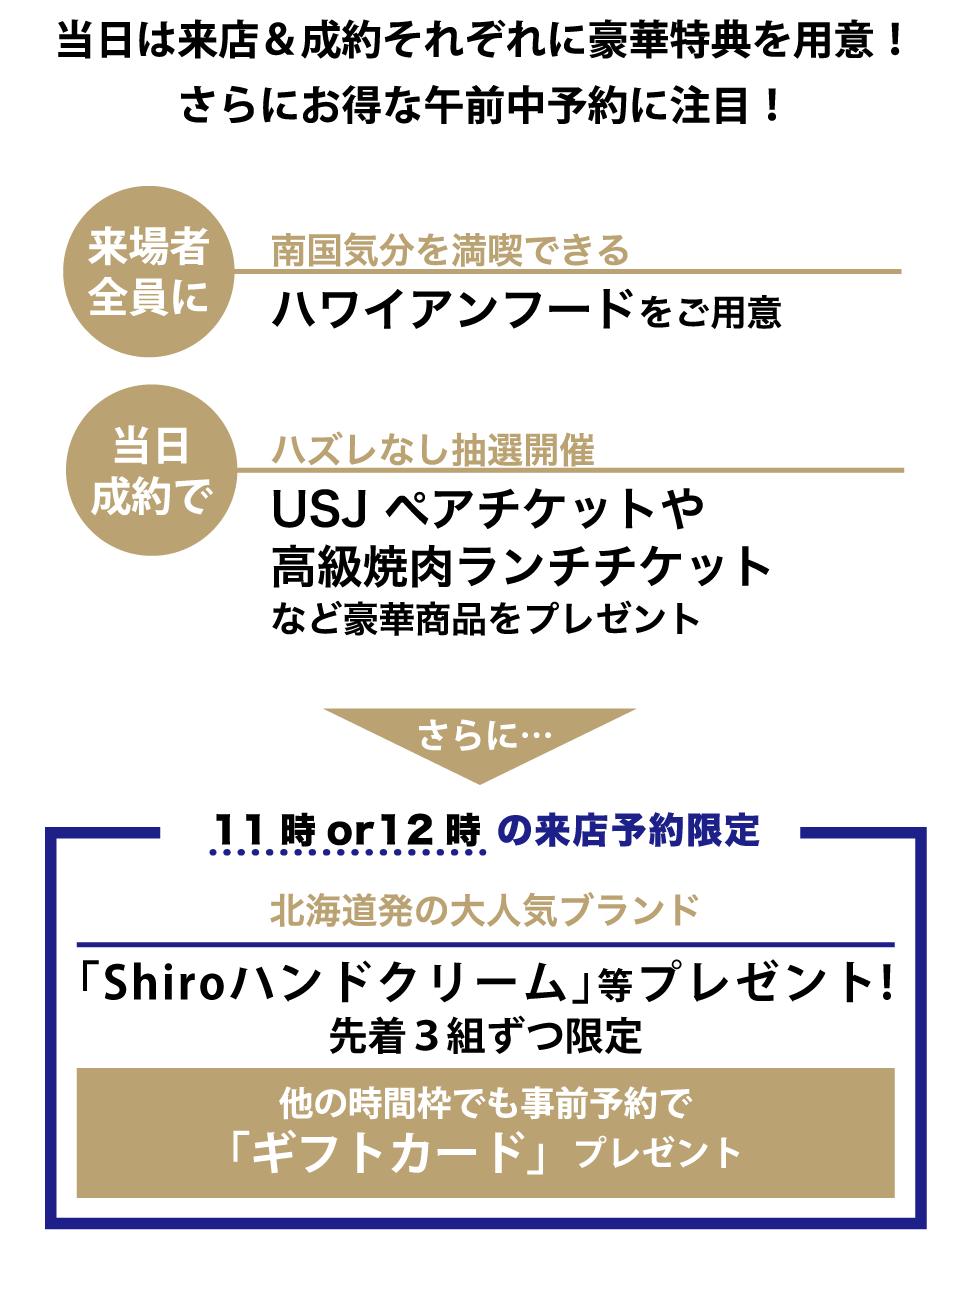 「Shiroハンドクリーム」等プレゼント!